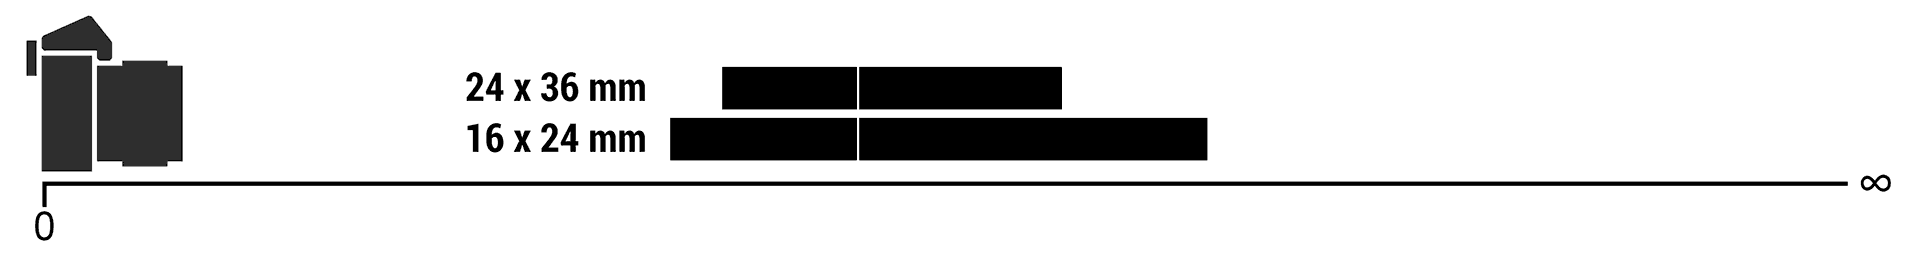 Variation de la profondeur de champ en fonction du format.